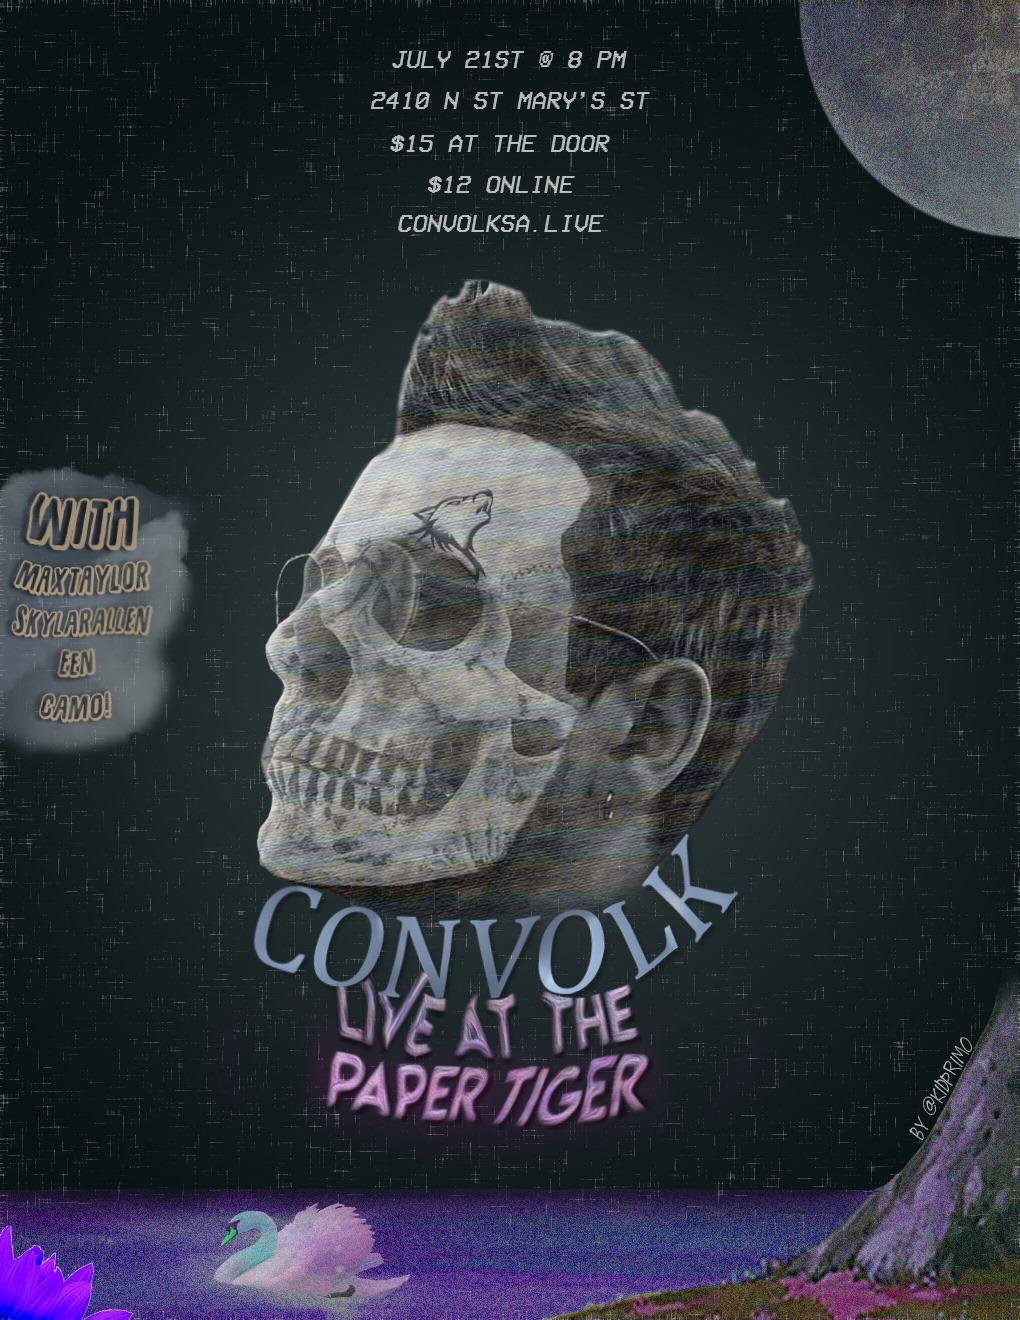 CONVOLK (SAN ANTONIO) -